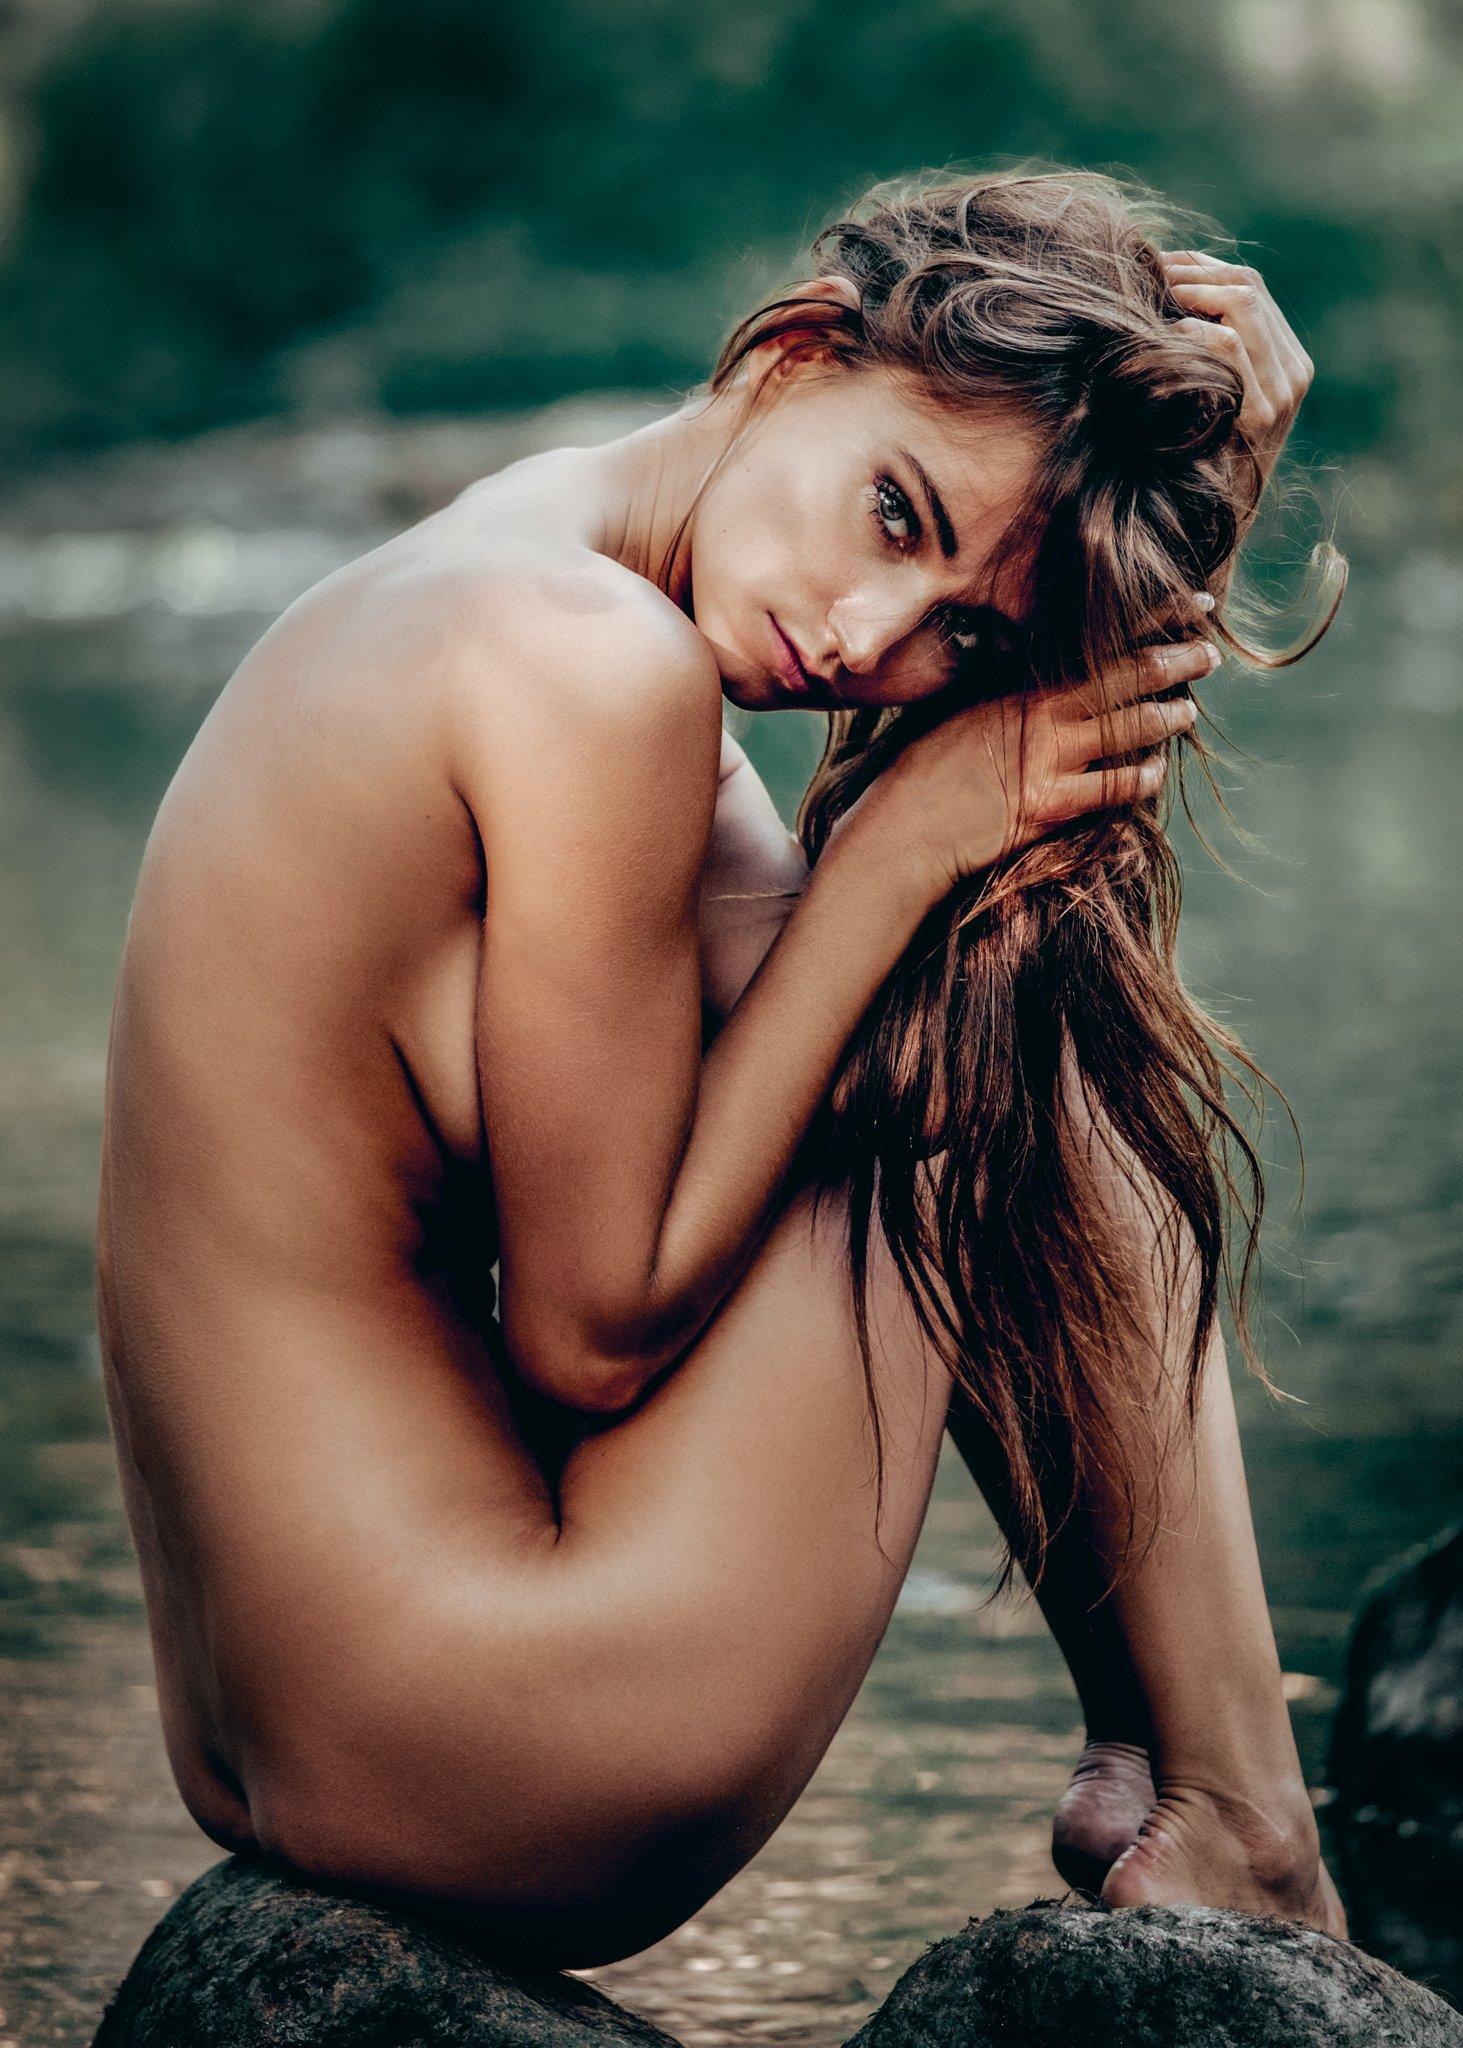 naked nude female, Saulius Ke